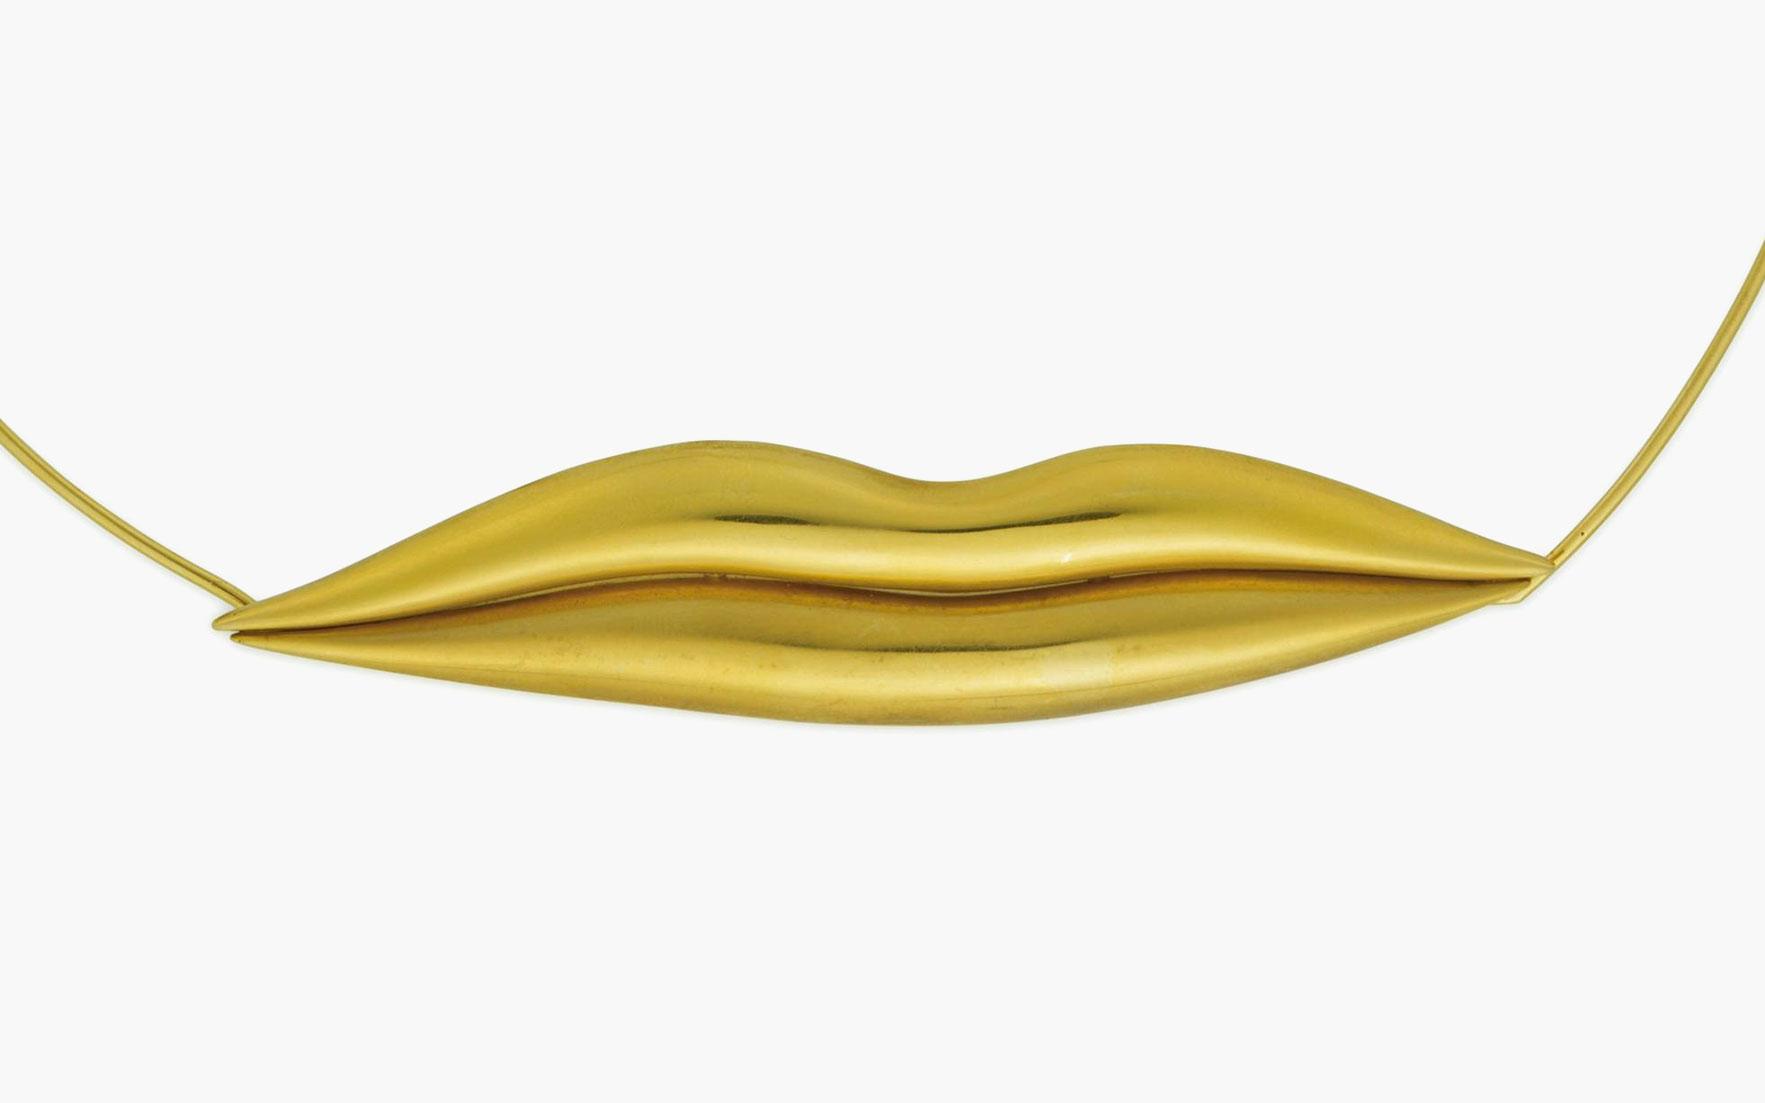 Art as jewellery — 10 wearable